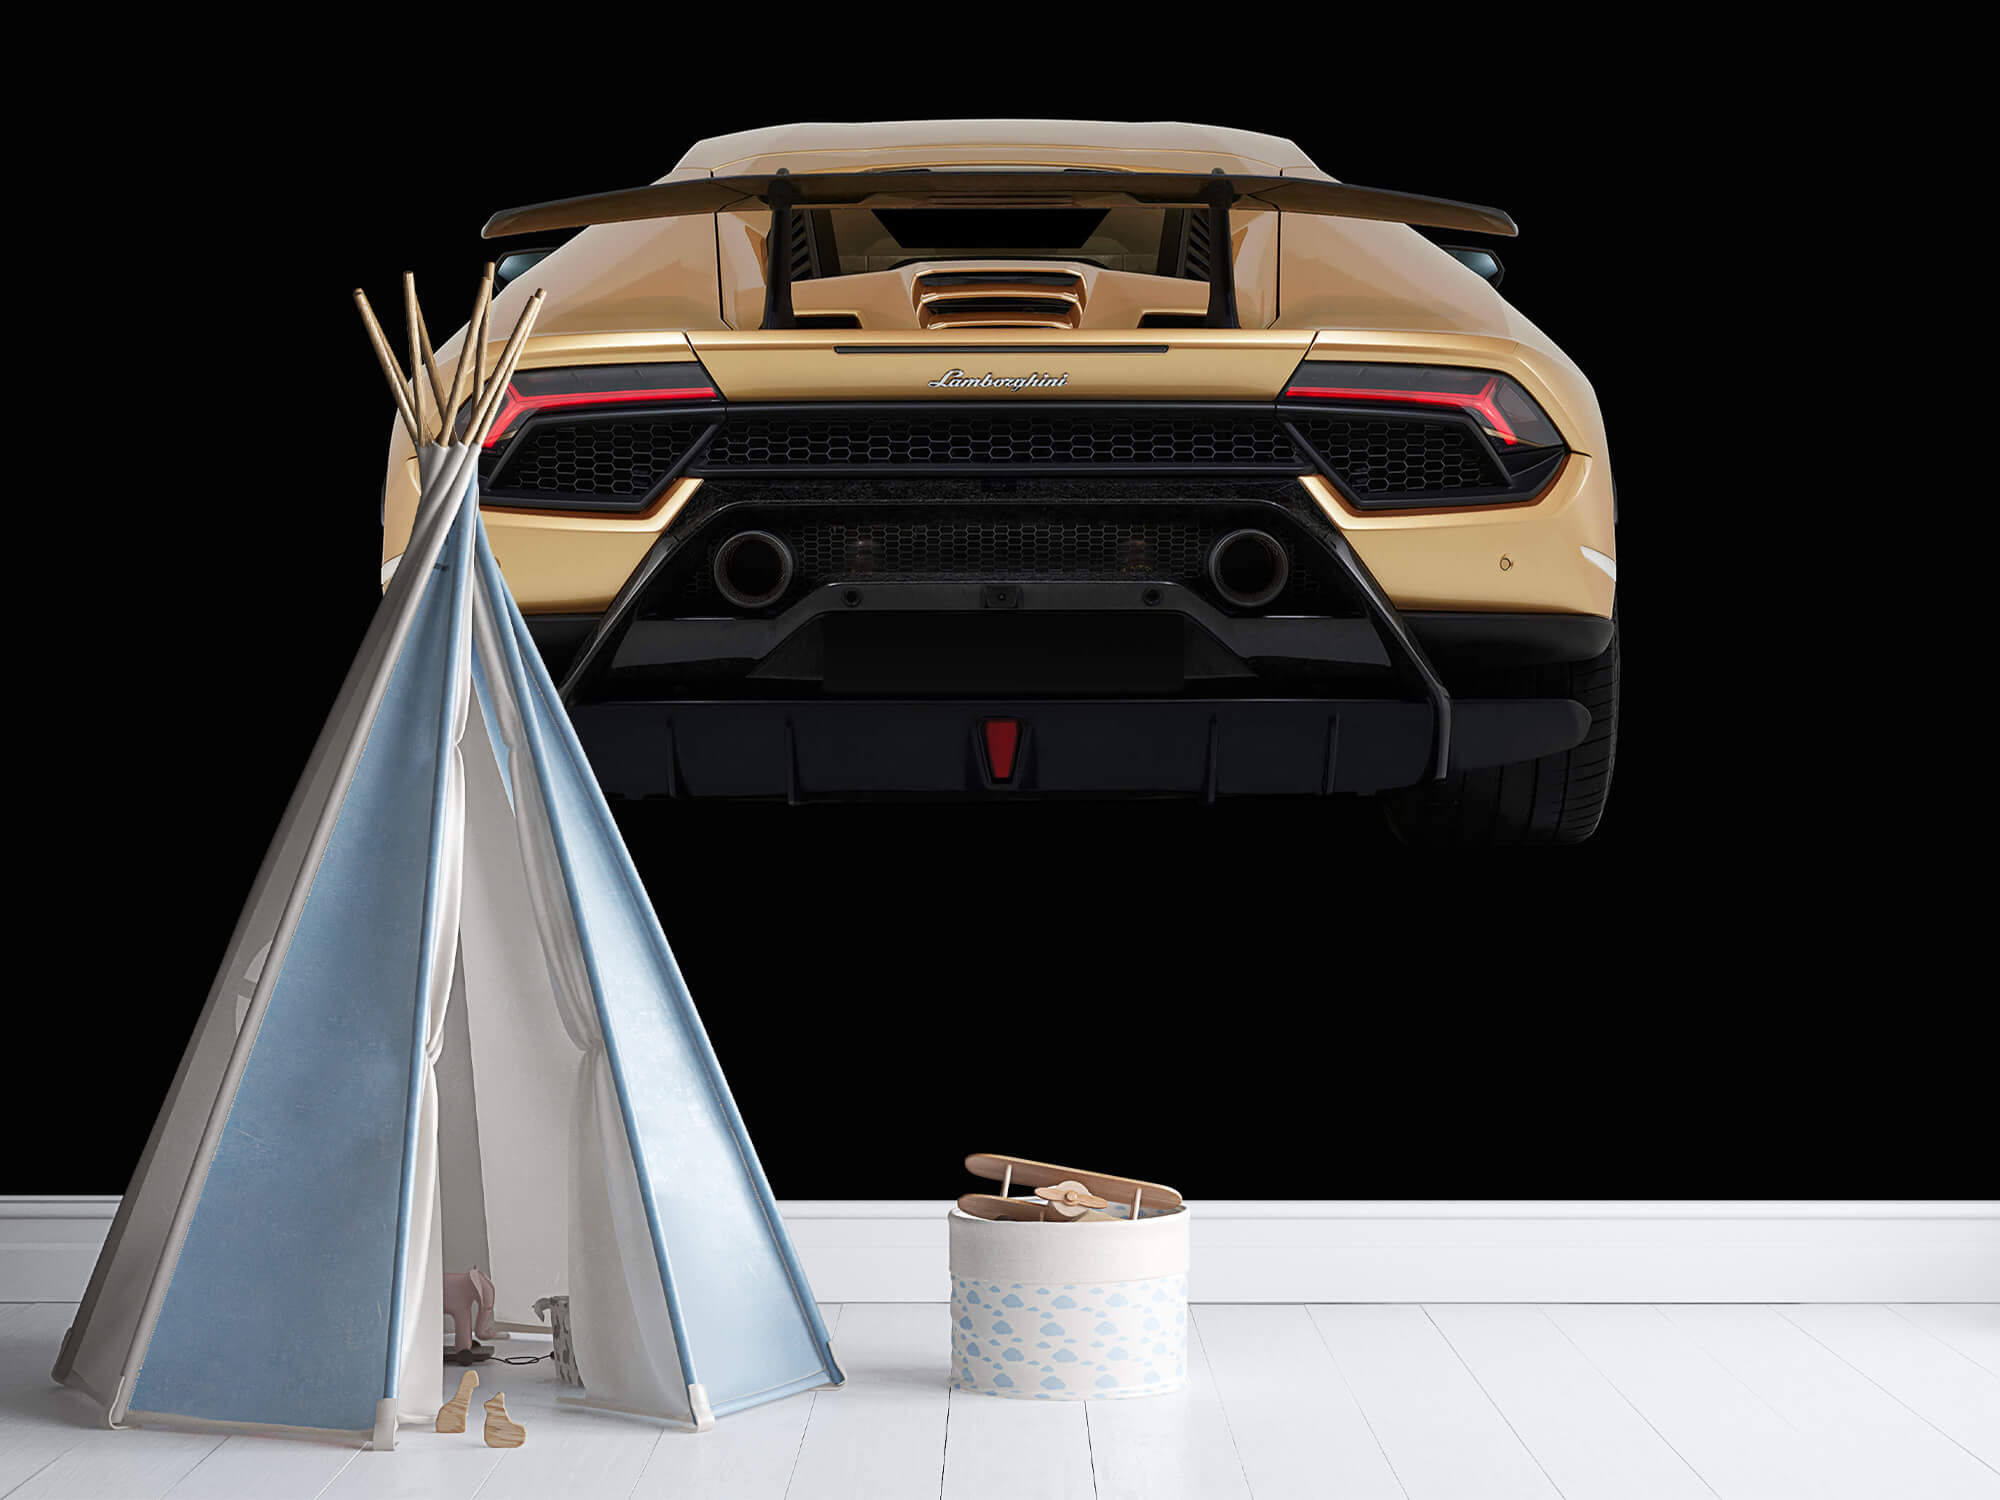 Wallpaper Lamborghini Huracán - Bak, svart 7